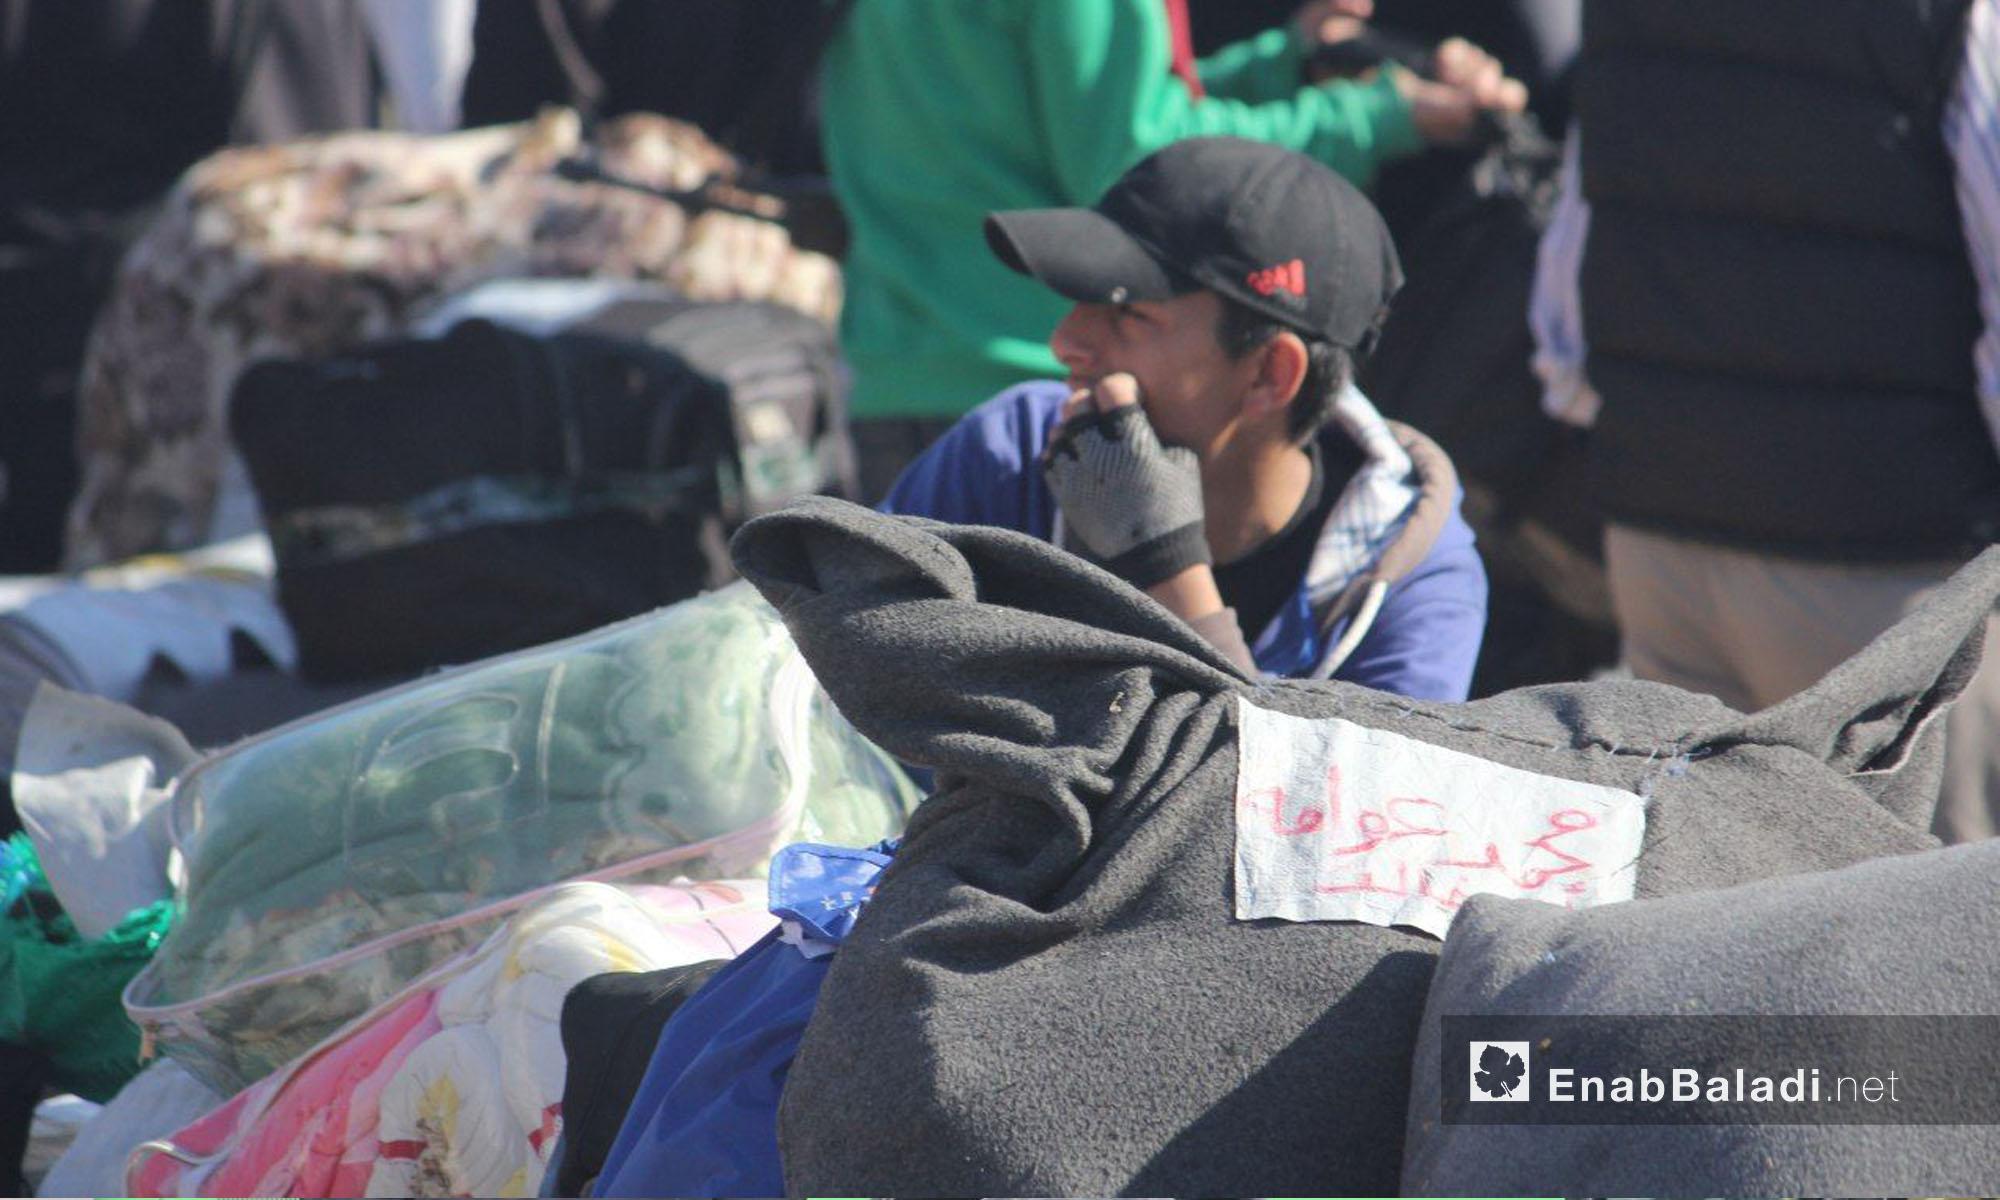 شاب من حي الوعر  ينتظر قرب أمتعته تحضيرًا  للخروج إلى جرابلس - 24 نيسان 2017 (عنب بلدي)